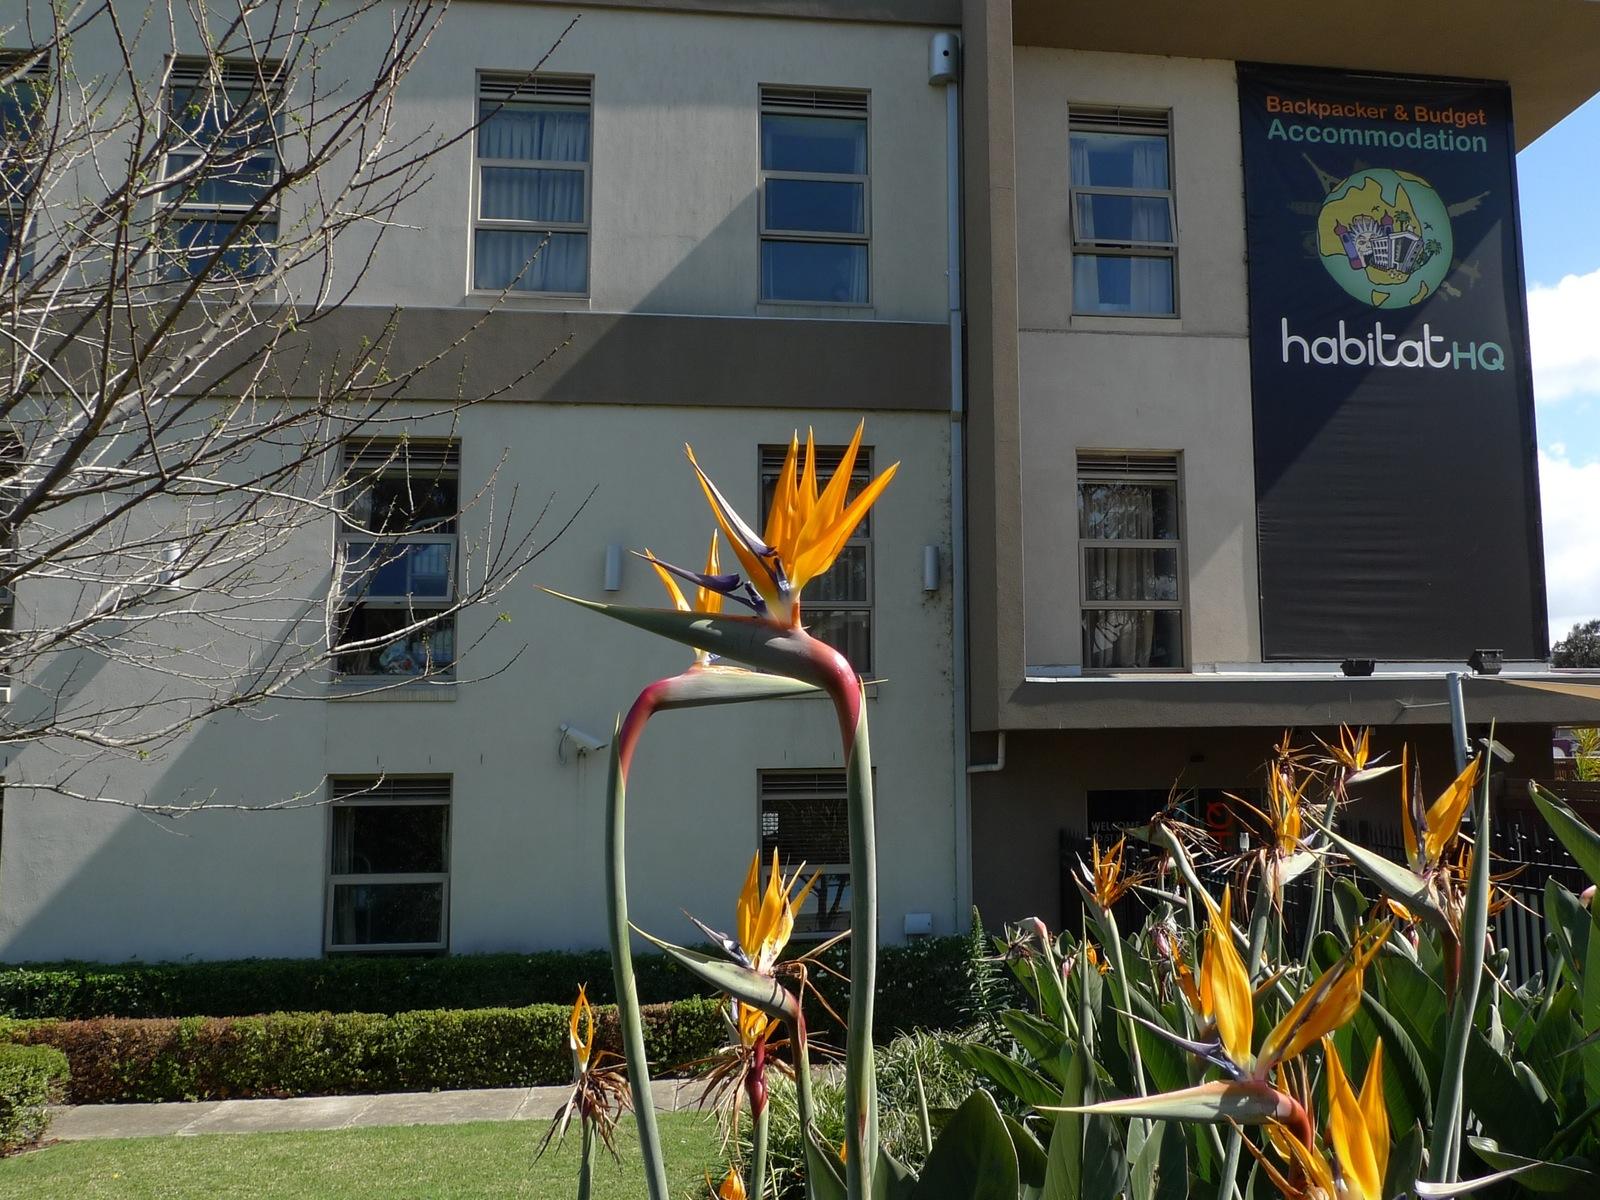 Habitat HQ exterior